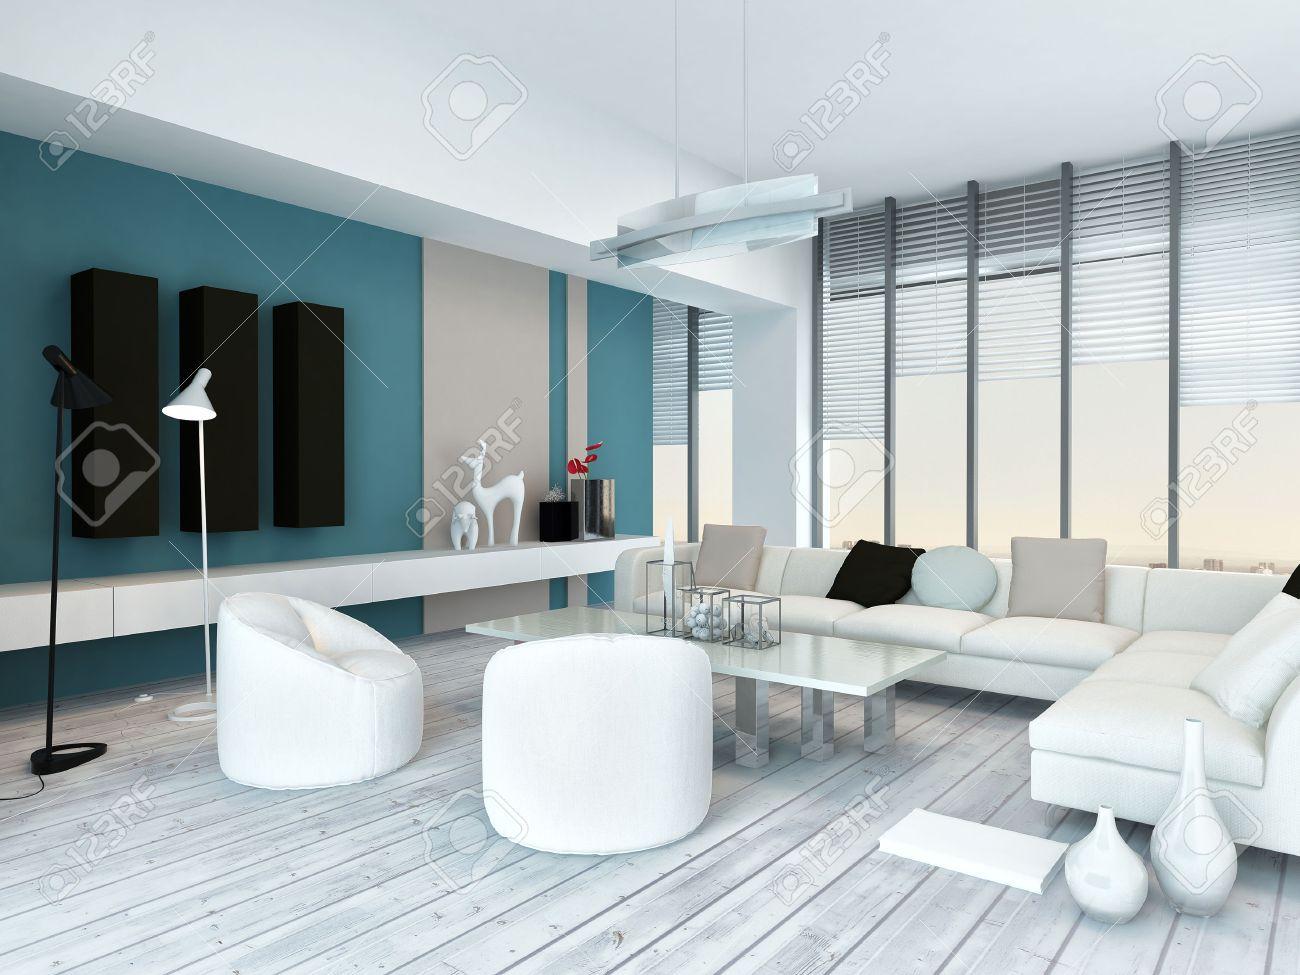 Cool bleu et blanc salon moderne inyerior avec plancher en bois ...